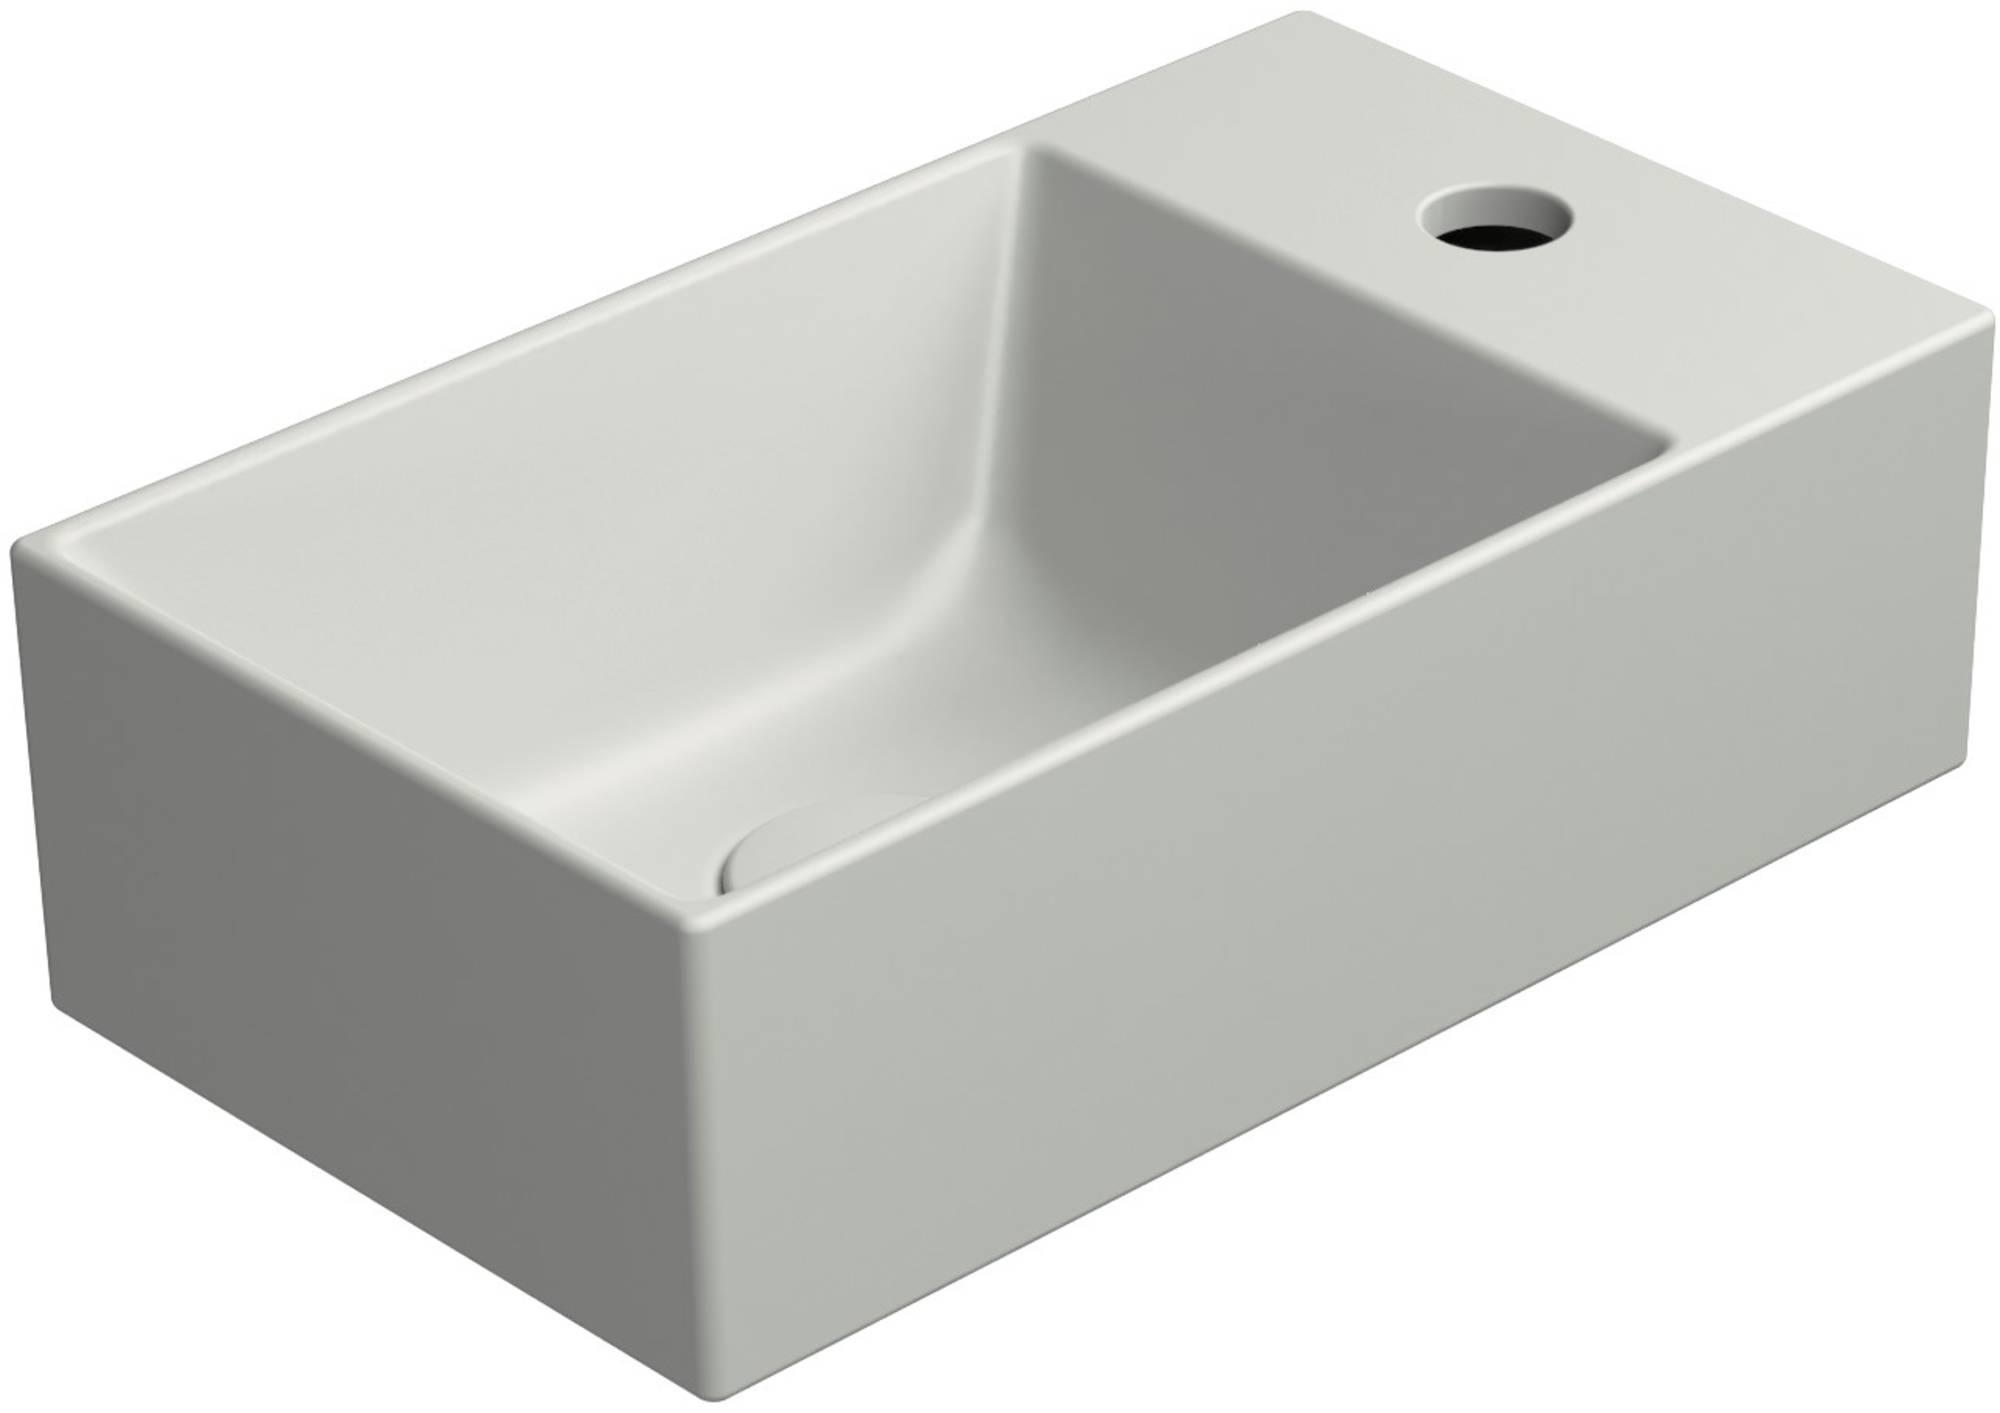 Ben Stelvio Fontein 40x23x12 cm 1 krg rechts Cement Grijs